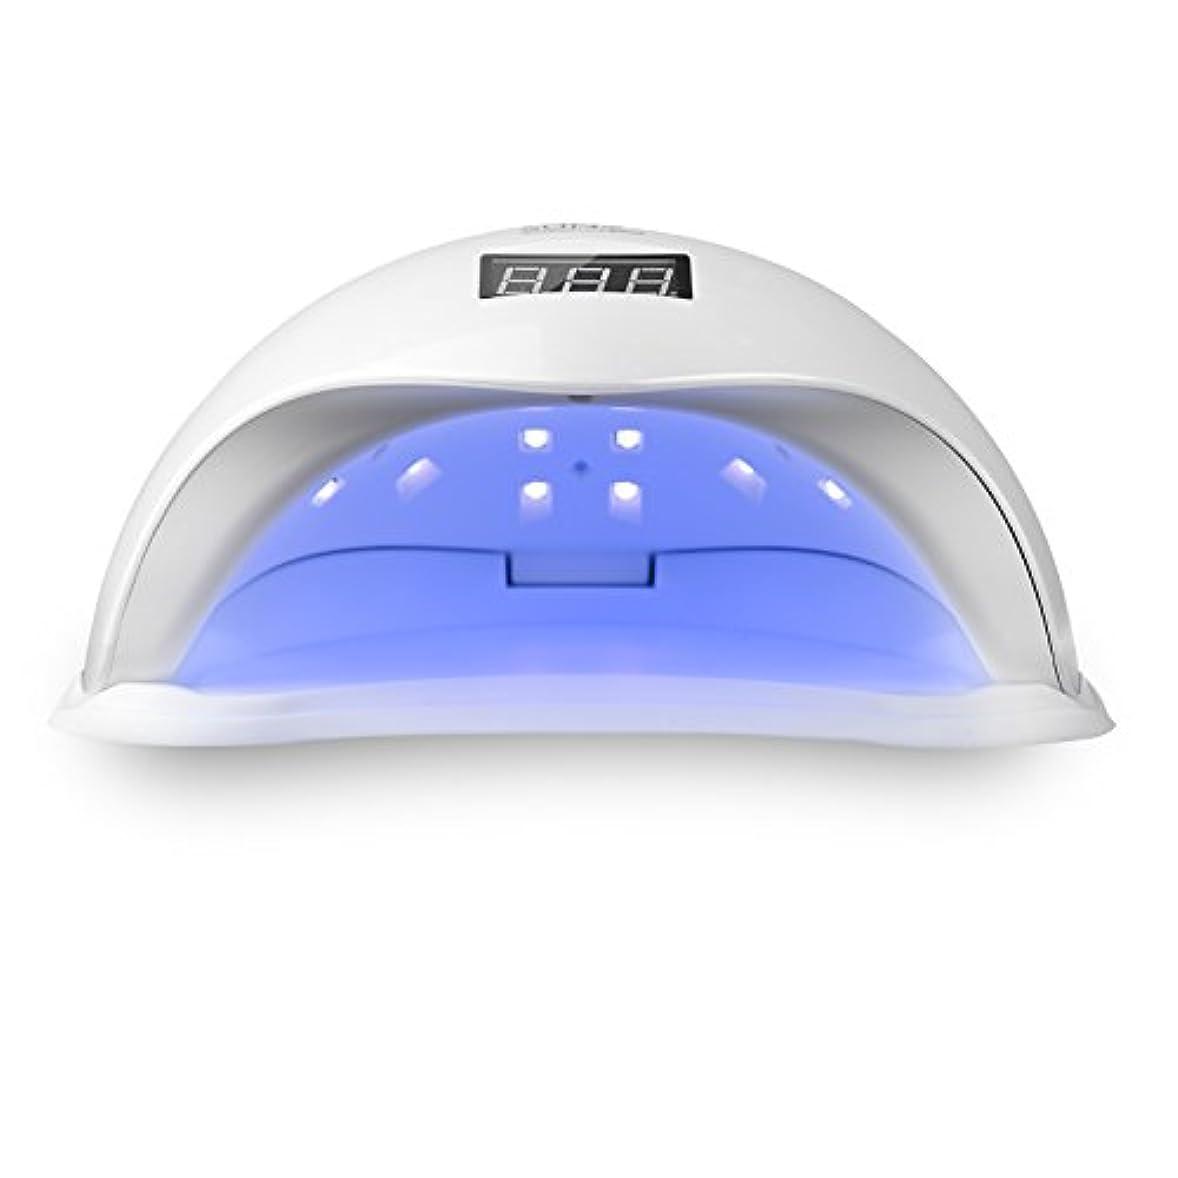 悲観的ペルー魔女LED ネイルドライヤー UVネイルライト 48W ハイパワー ジェルネイルライト 肌をケア センサータイマー付き UVライト 速乾UV ネイル ハンドフット両用 ネイル led ライト [取扱説明書付き] Vinteky